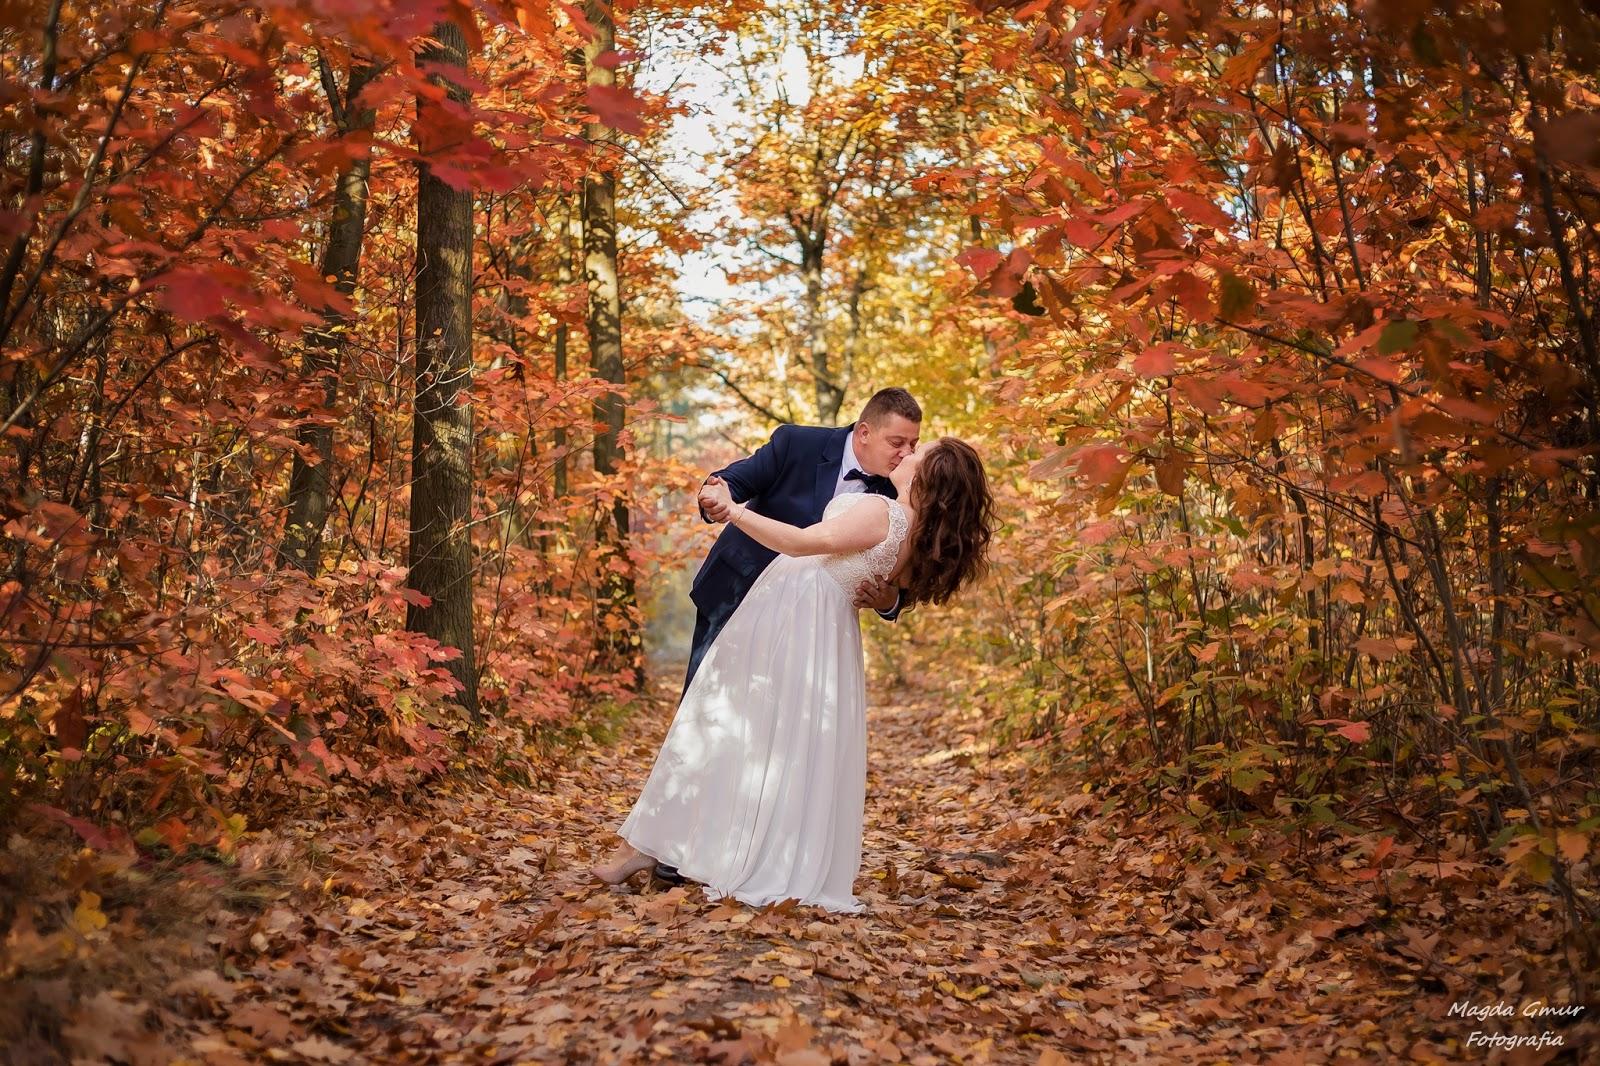 jesienny plener slubny, plener ślubny, jesien sesja fotograficzna. fotograf opoczno, fotograf slubny opoczno, magda gmur fotografia